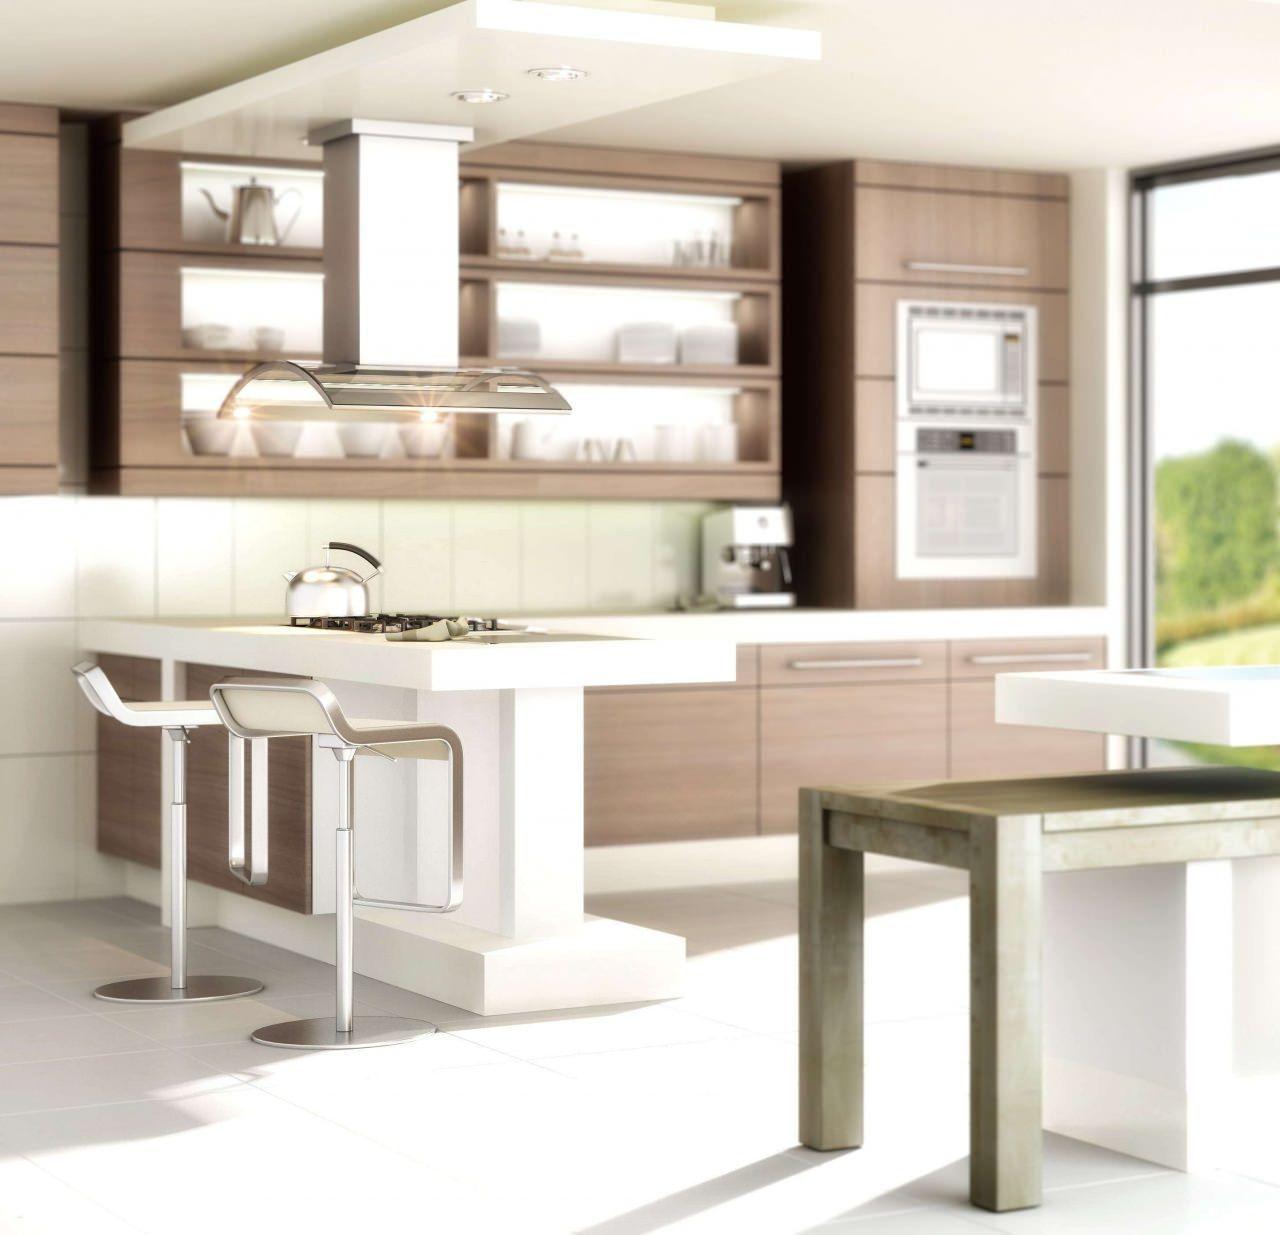 Aufbewahrung Kuche Ideen Esszimmer Einrichten Frisches Wohnzimmer Wandgestaltung Kuche Ideen